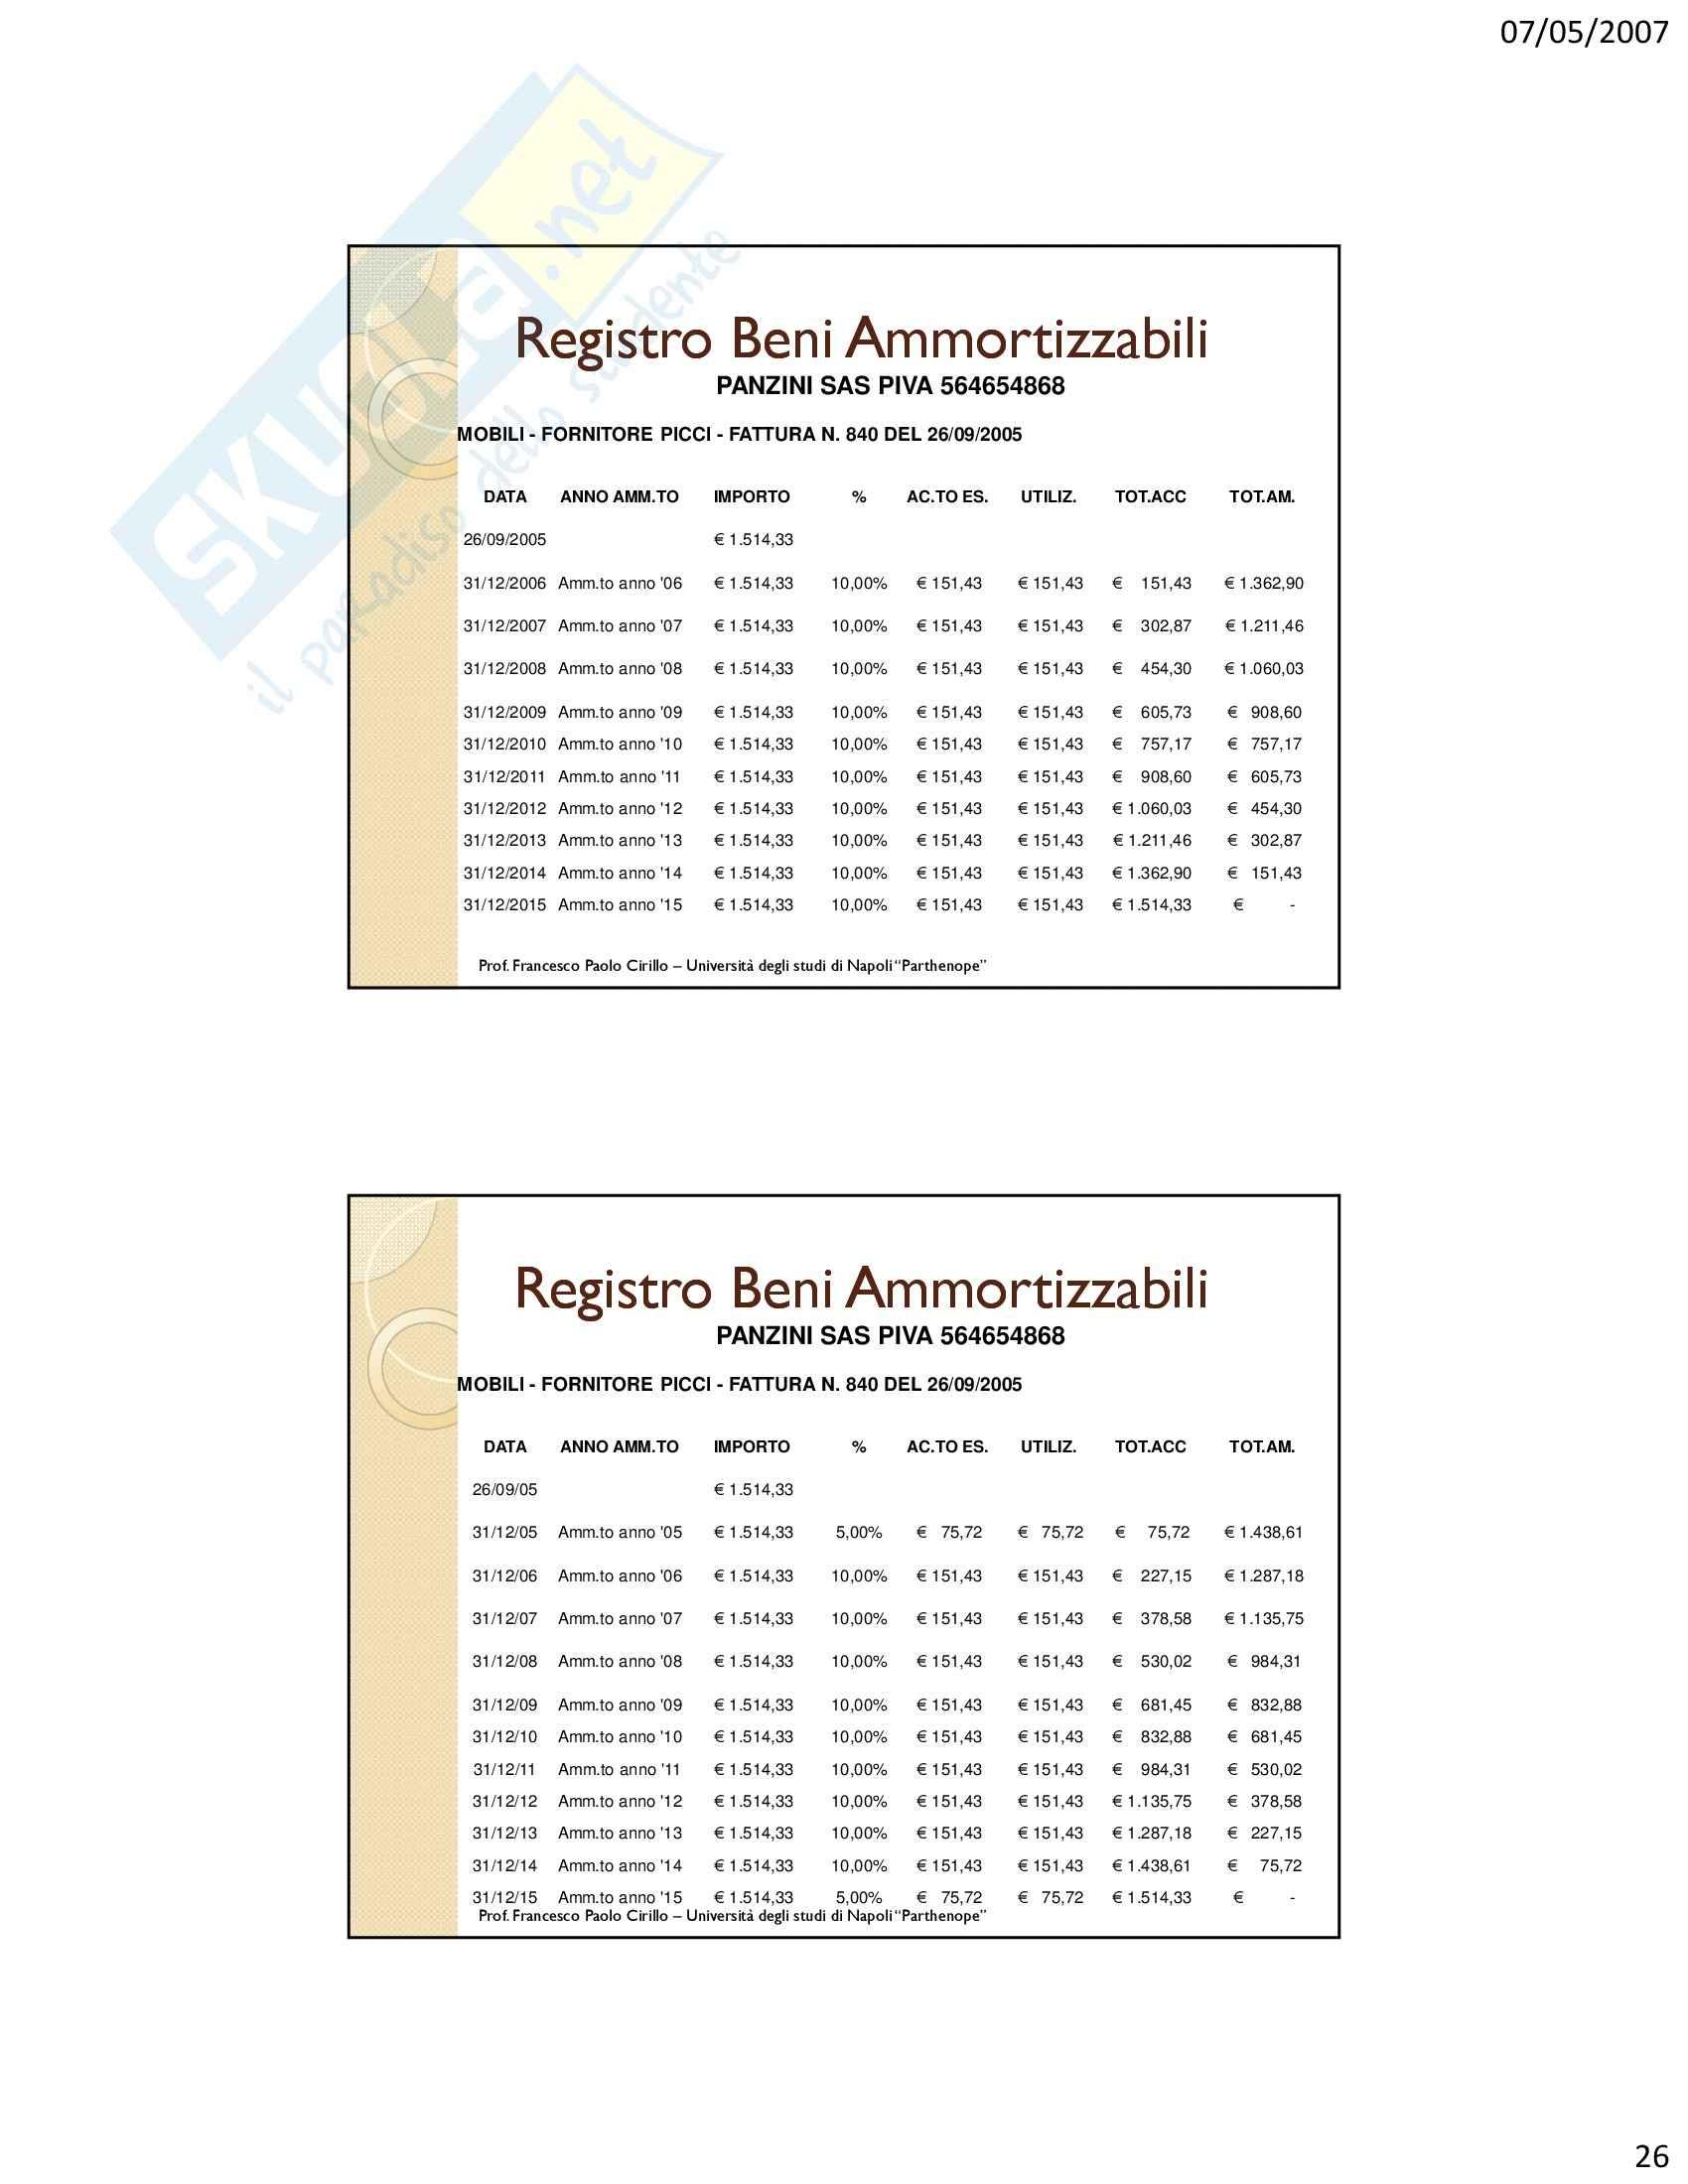 Ragioneria - immobilizzazioni immateriali e materiali - Appunti Pag. 26